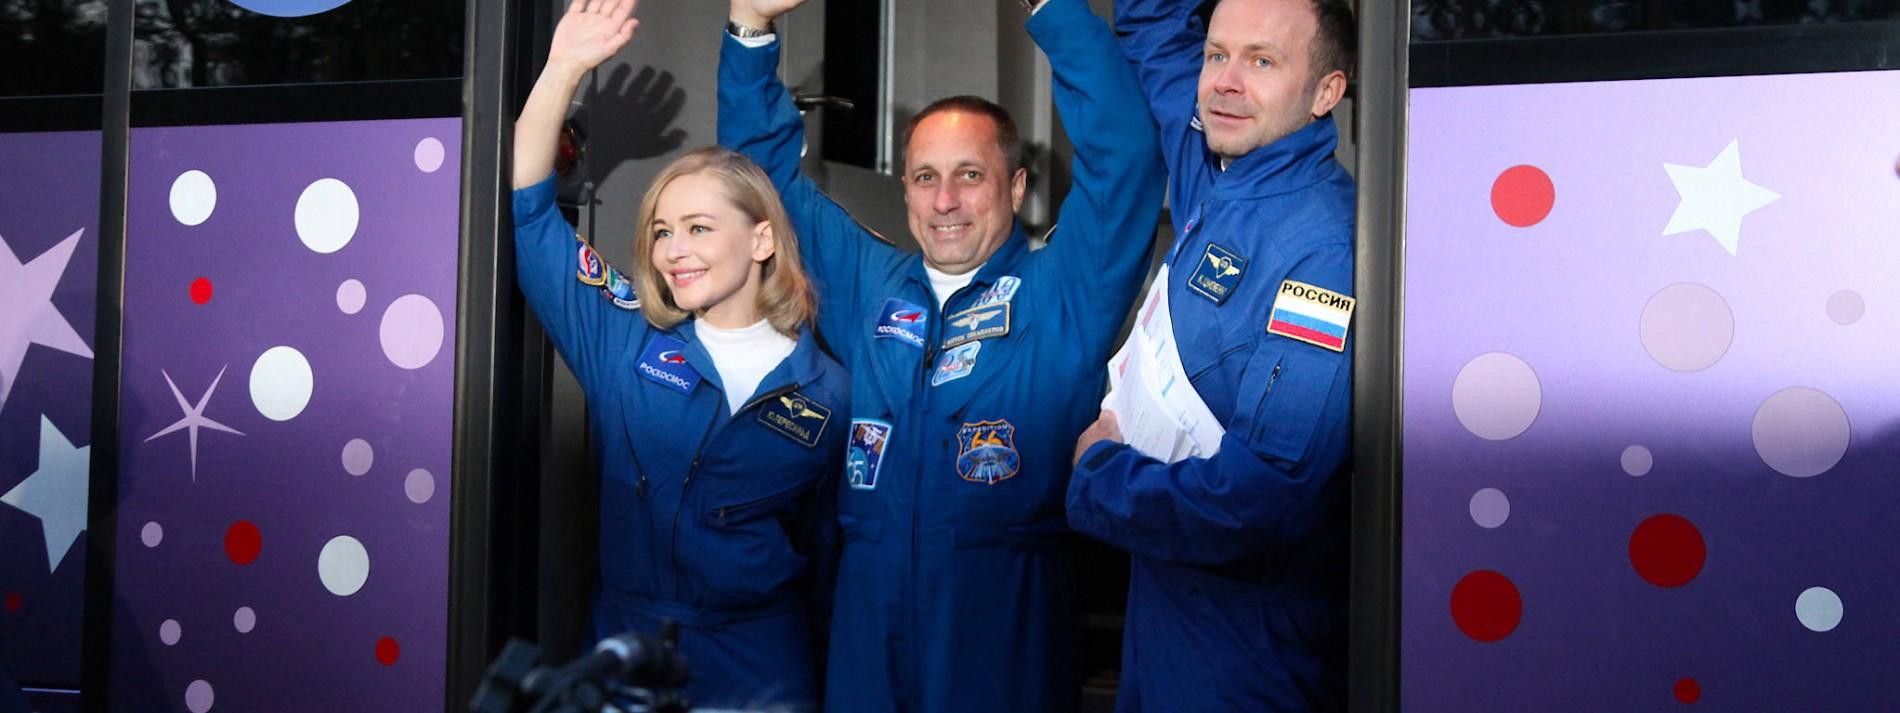 Filmteam startet zur ISS